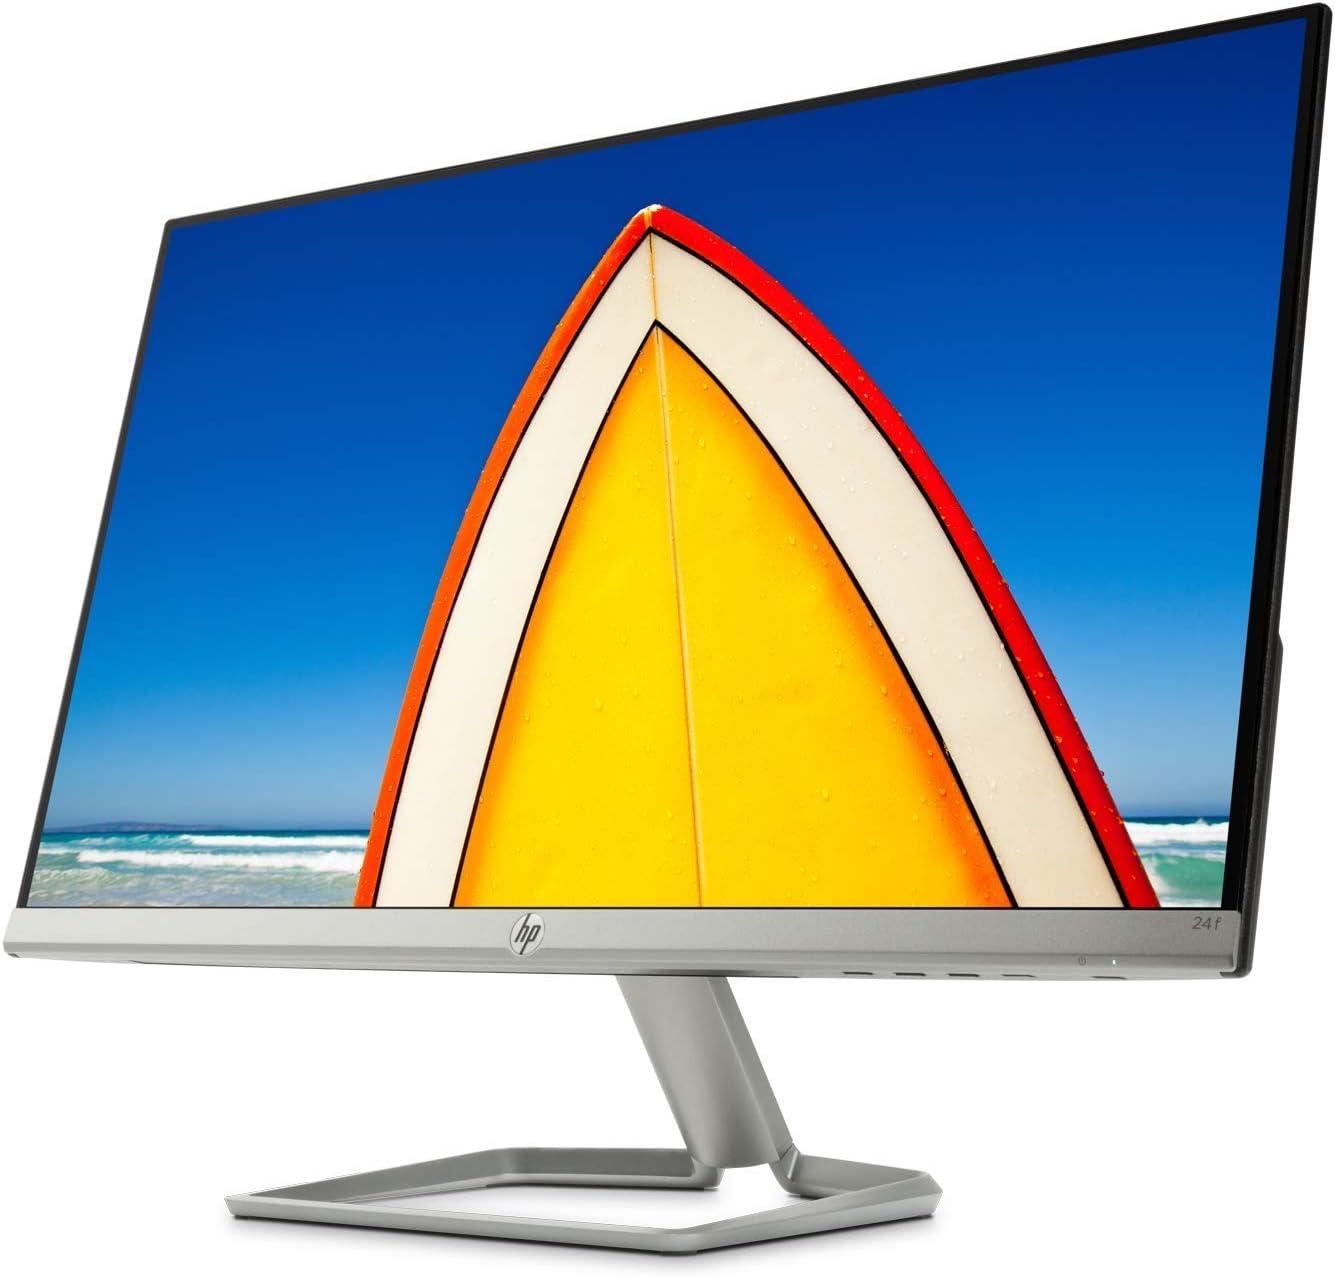 Hp 24f Monitor Schwarz Silber Computer Zubehör